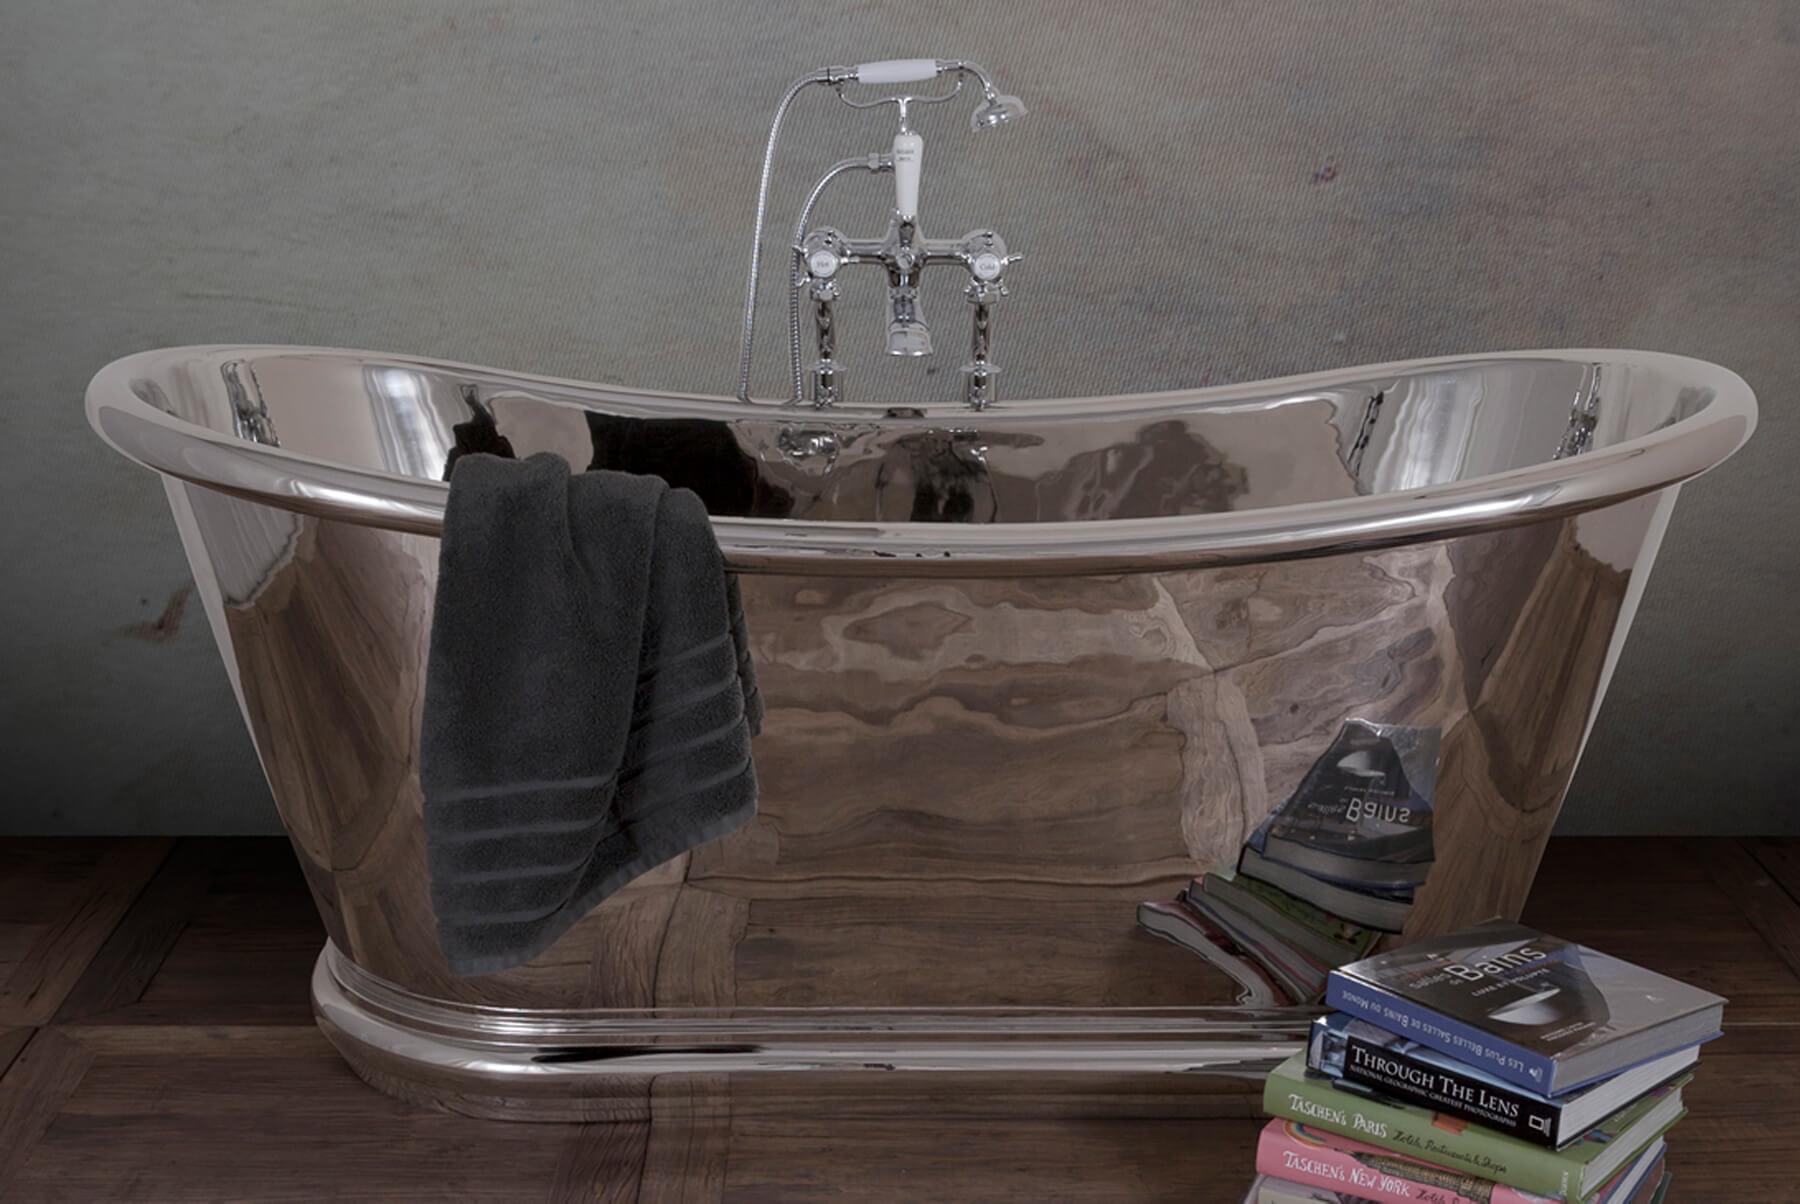 Bath-Tubs-Hurlingham-Bulle-Nickel-1800x1204